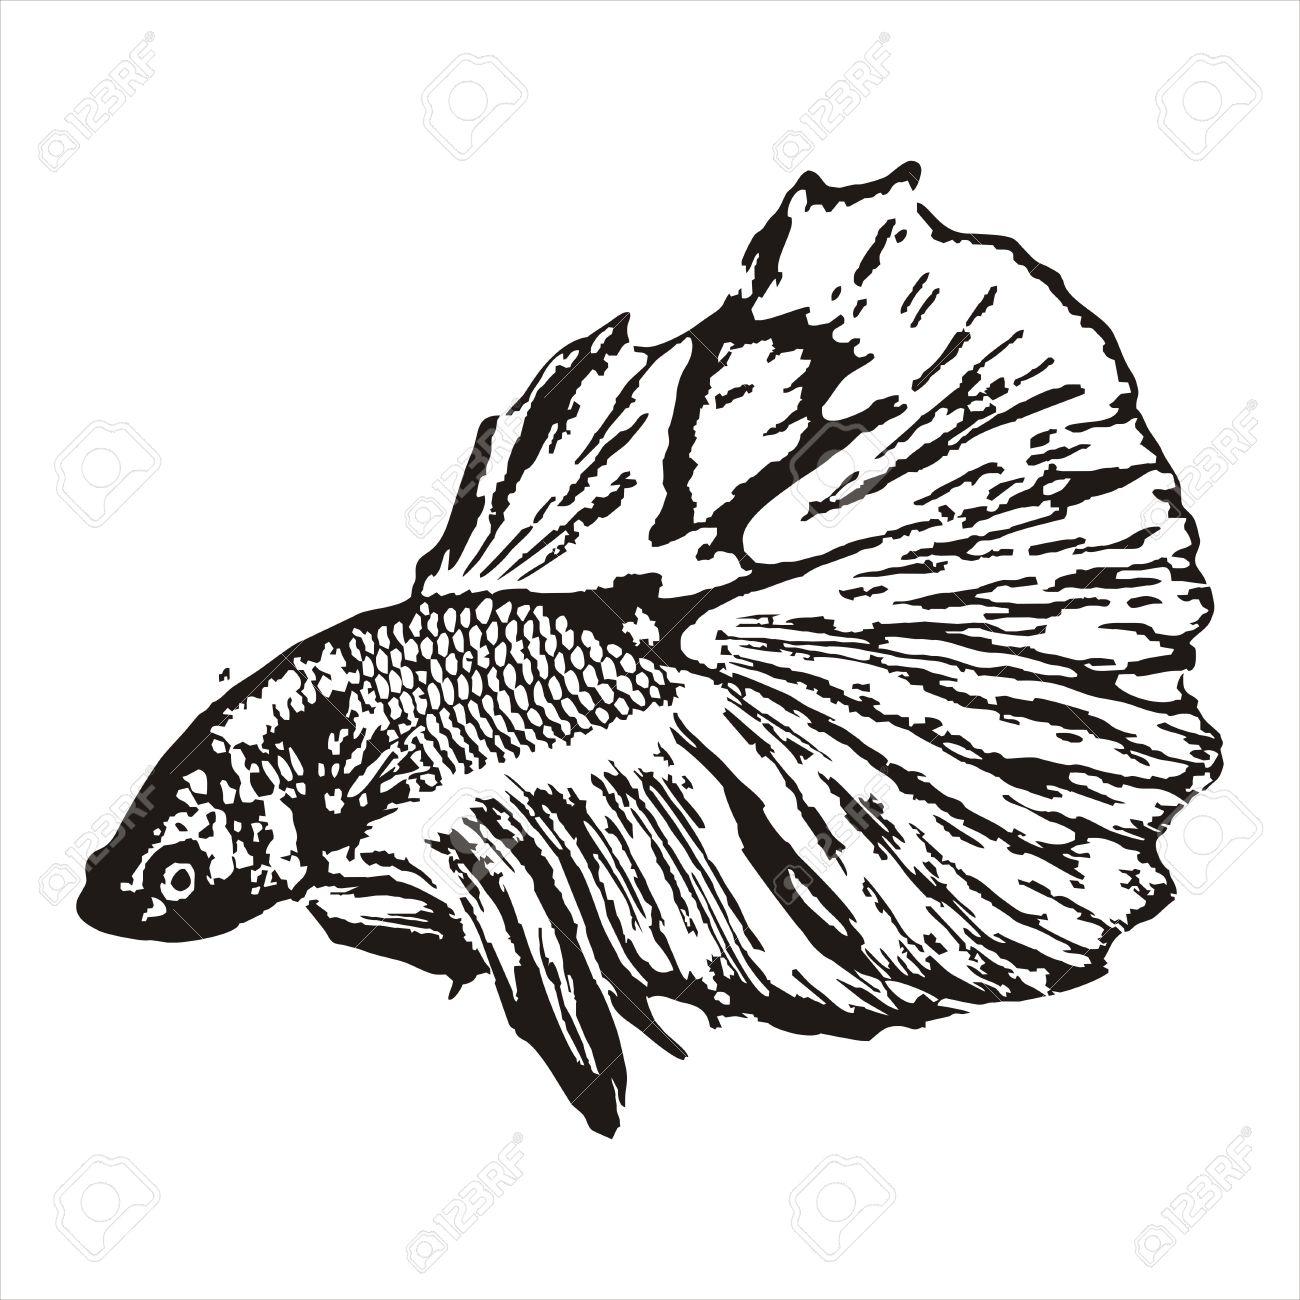 Fighting fish, Betta splendens sketch Stock Vector - 20364598